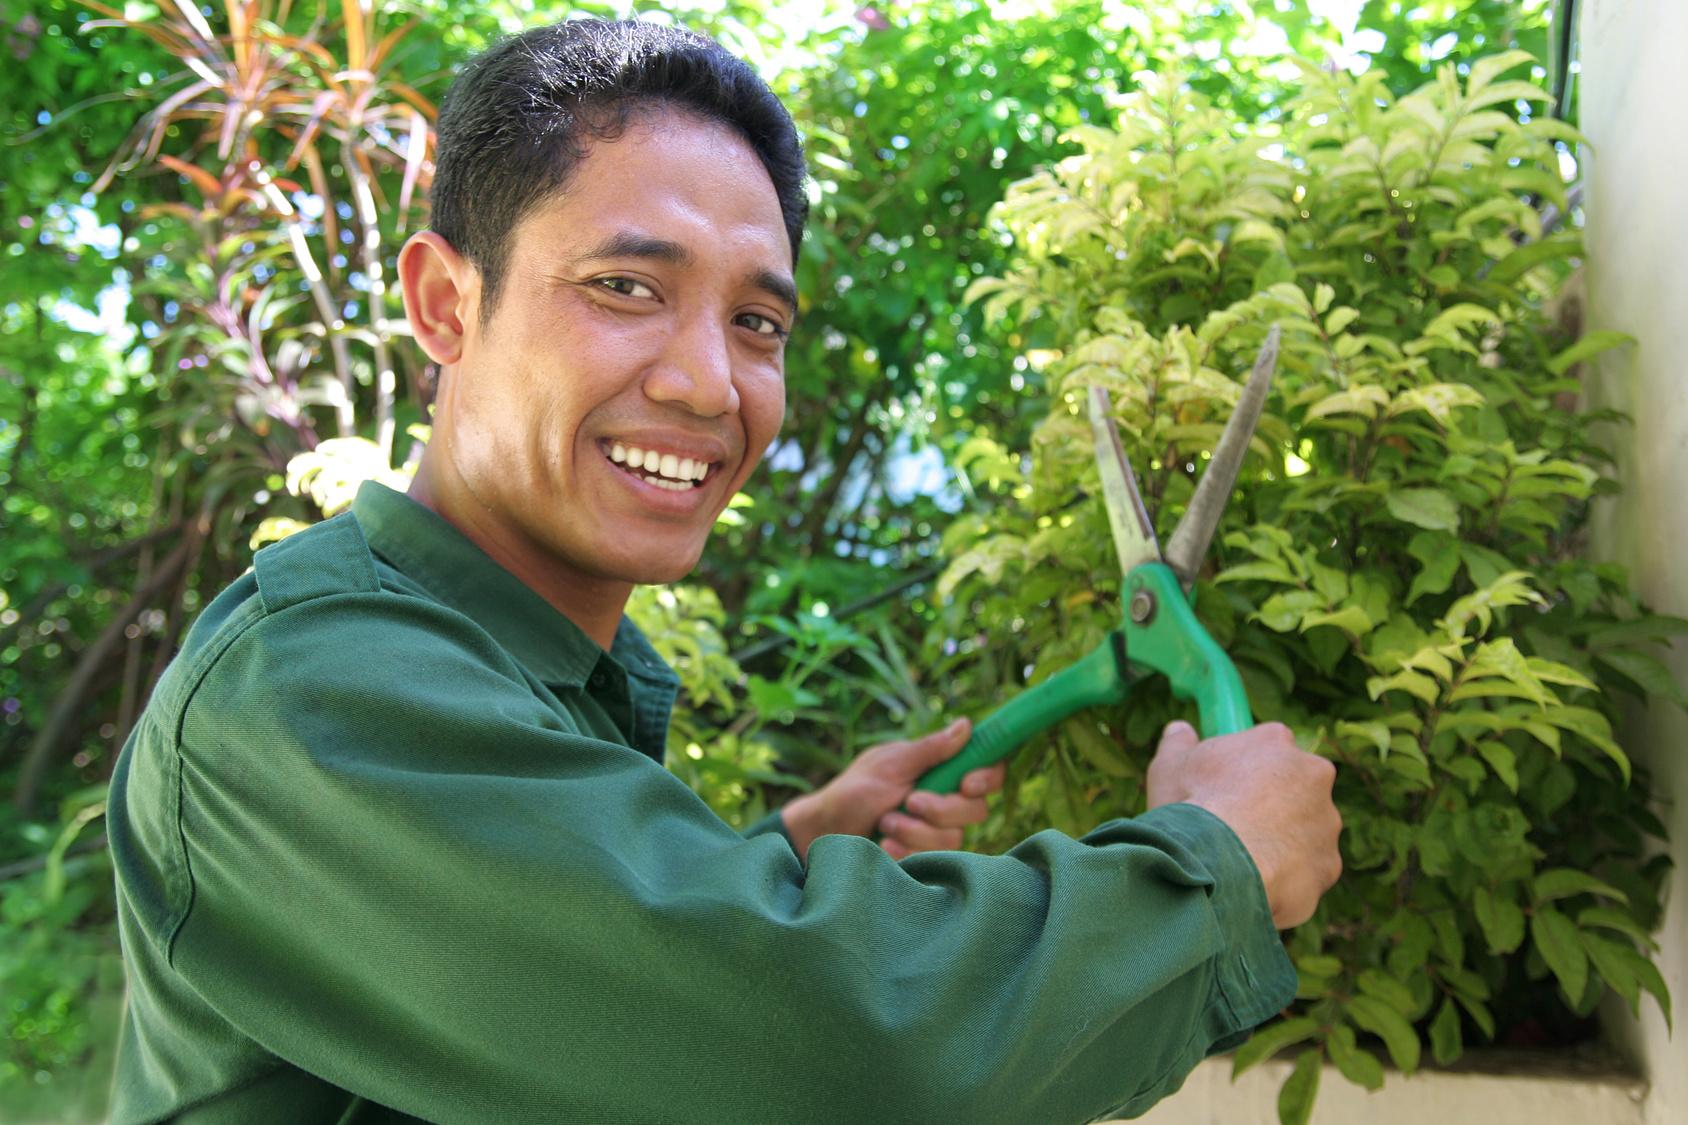 jardinage à domicile